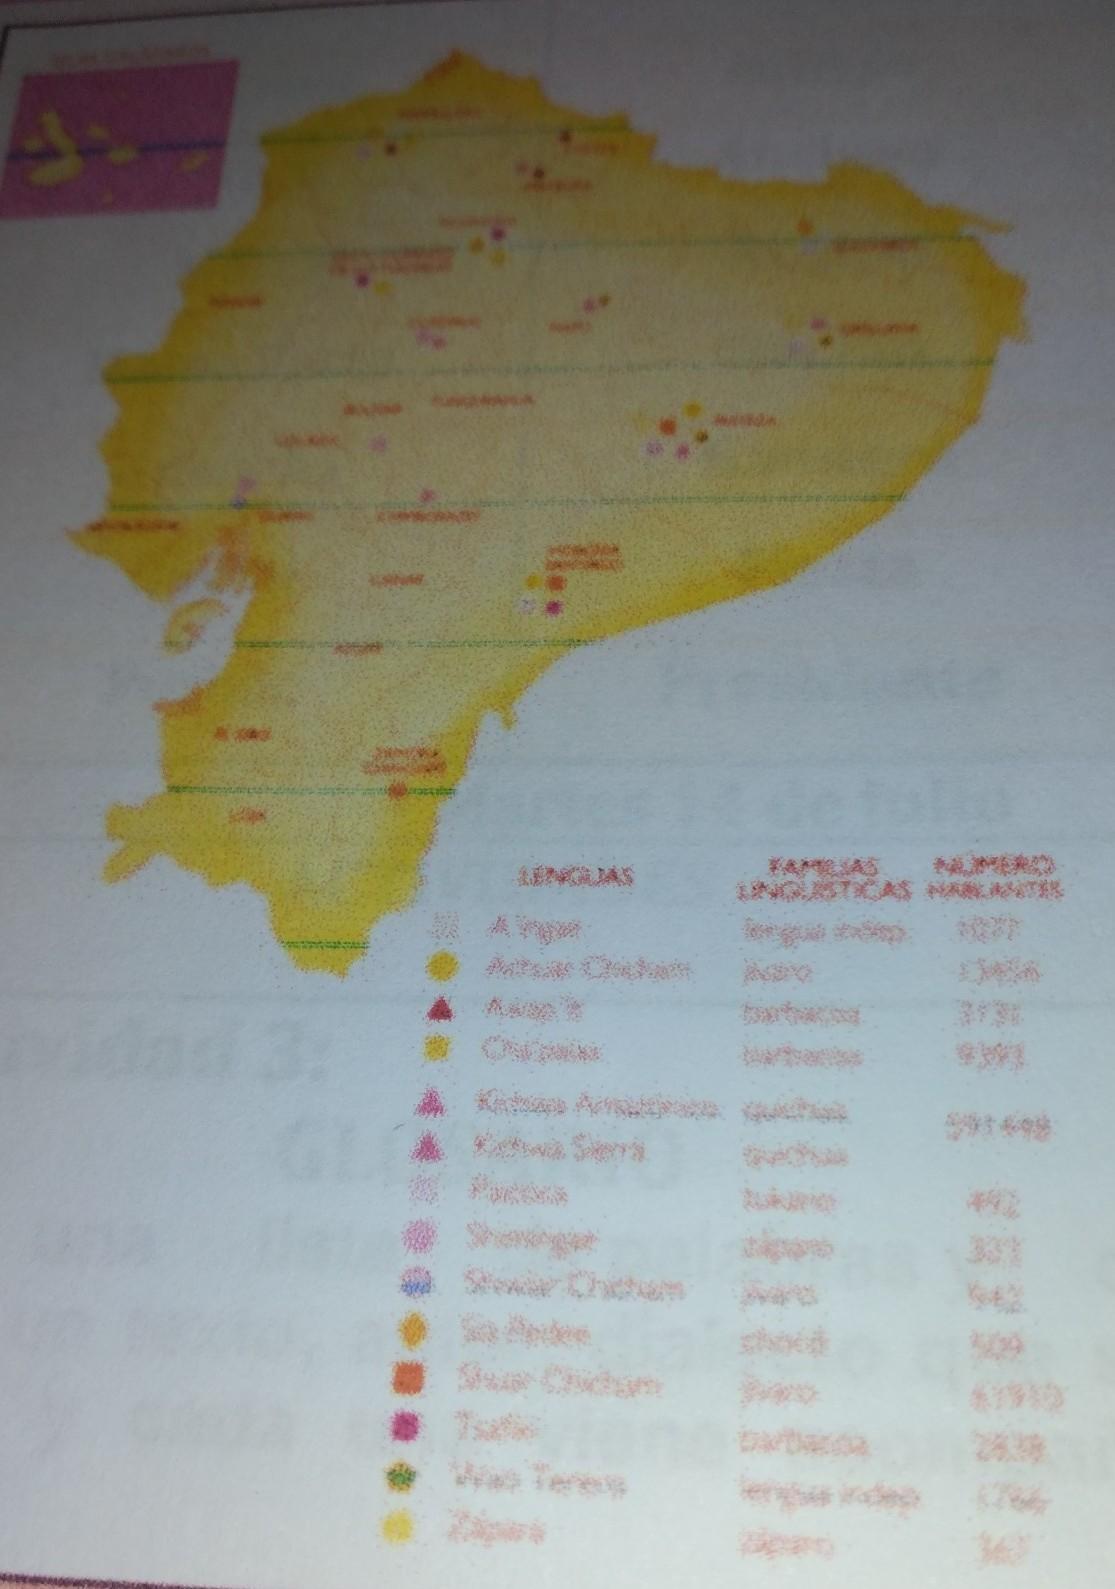 Observa El Mapa Del Ecuador E Identifica Cuáles Son Las Lenguas Que Idiomas Existen Actualmente En Brainly Lat